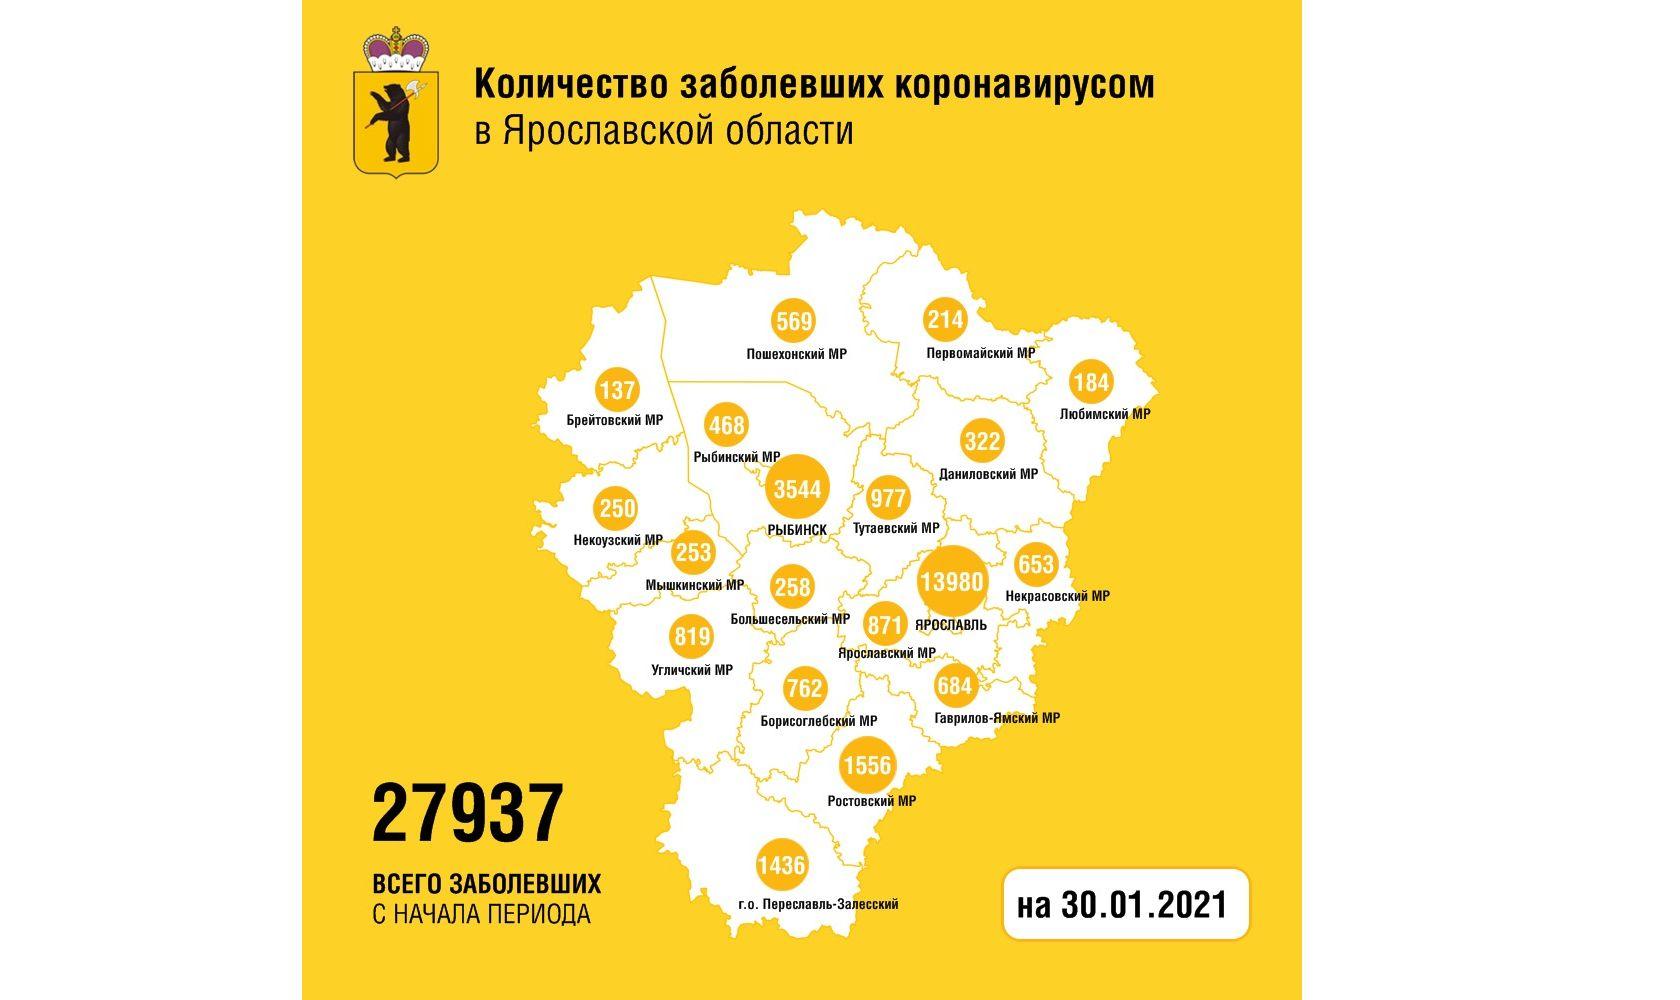 В Ярославской области за сутки количество заболевших коронавирусом увеличилось на 185 человек, четверо скончались